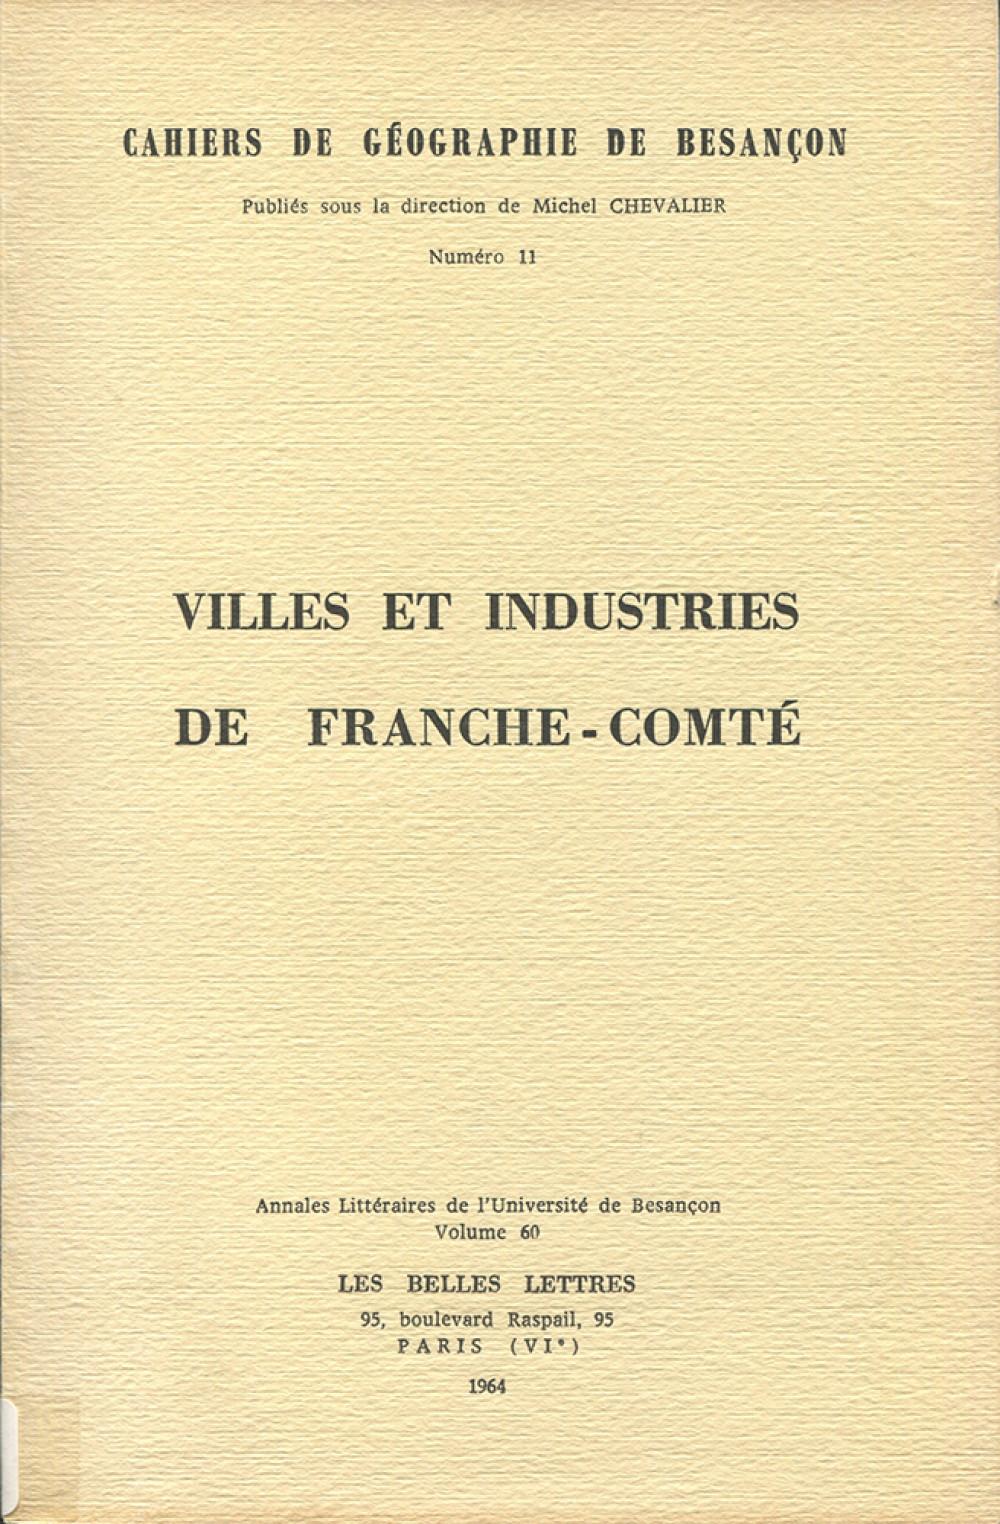 Villes et industries de Franche-Comté